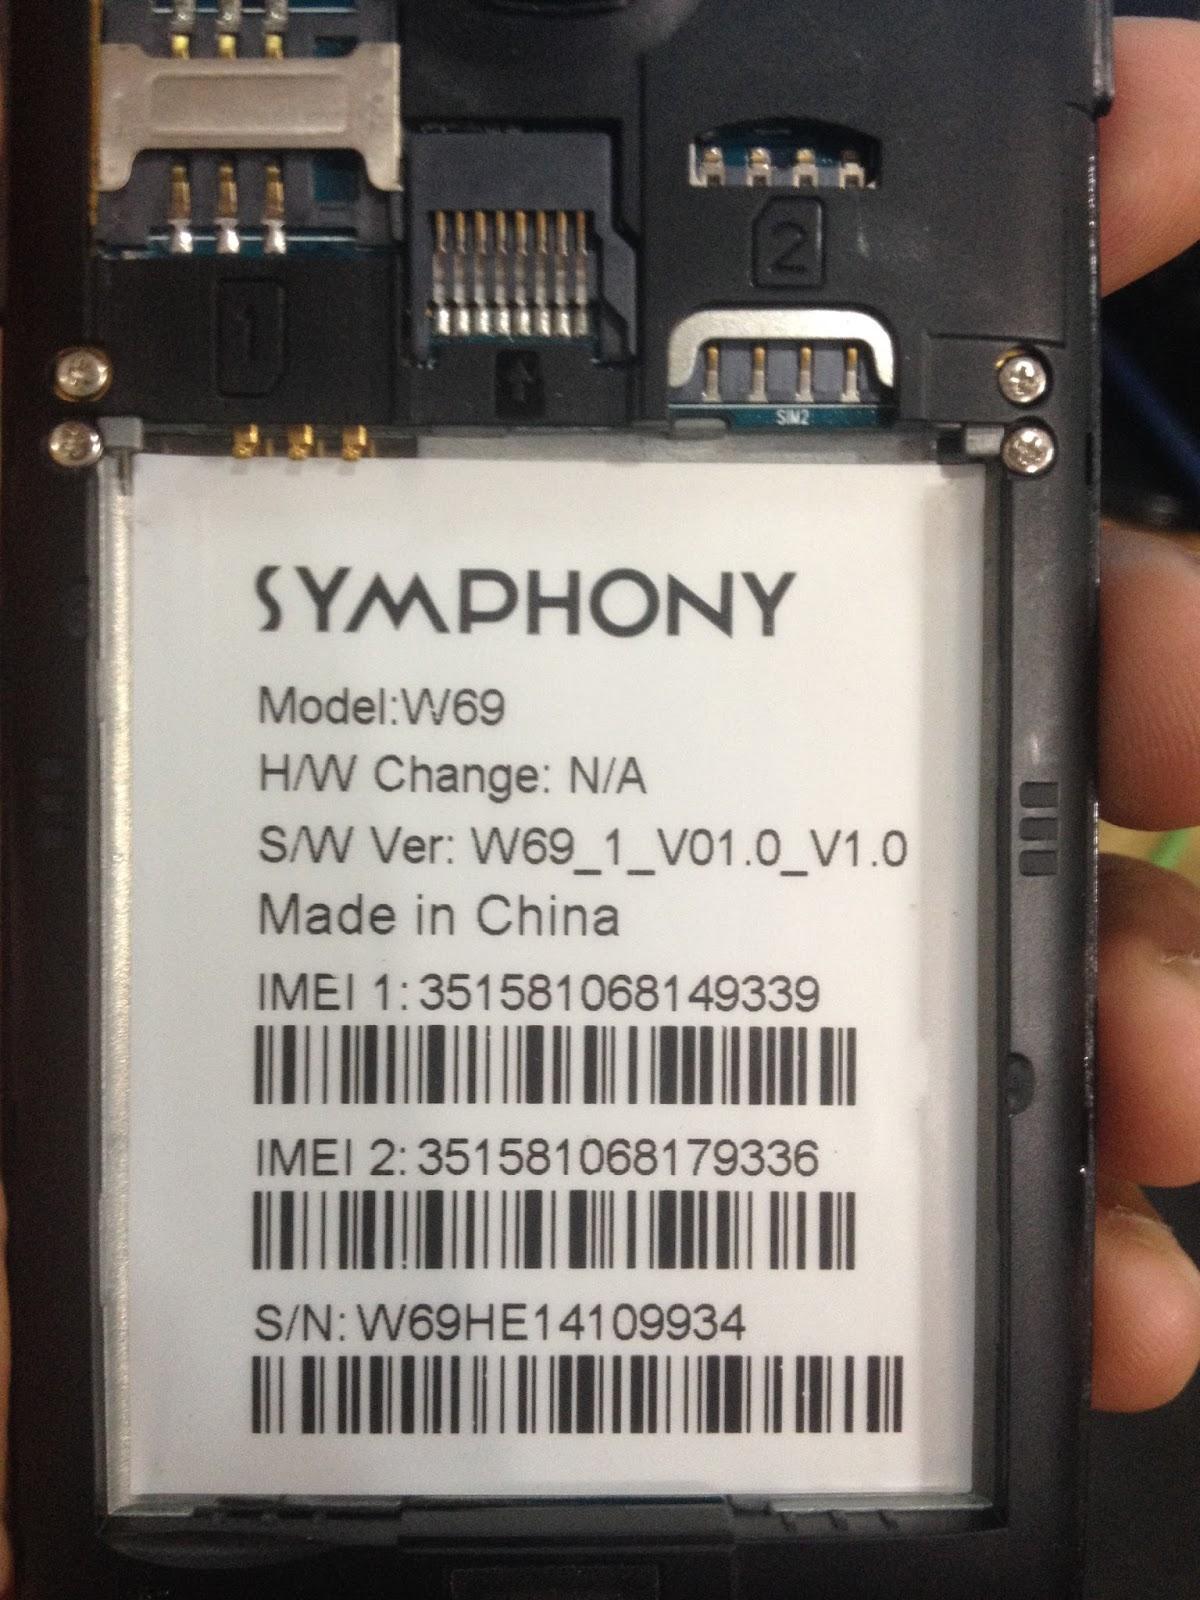 symphony w69 firmware